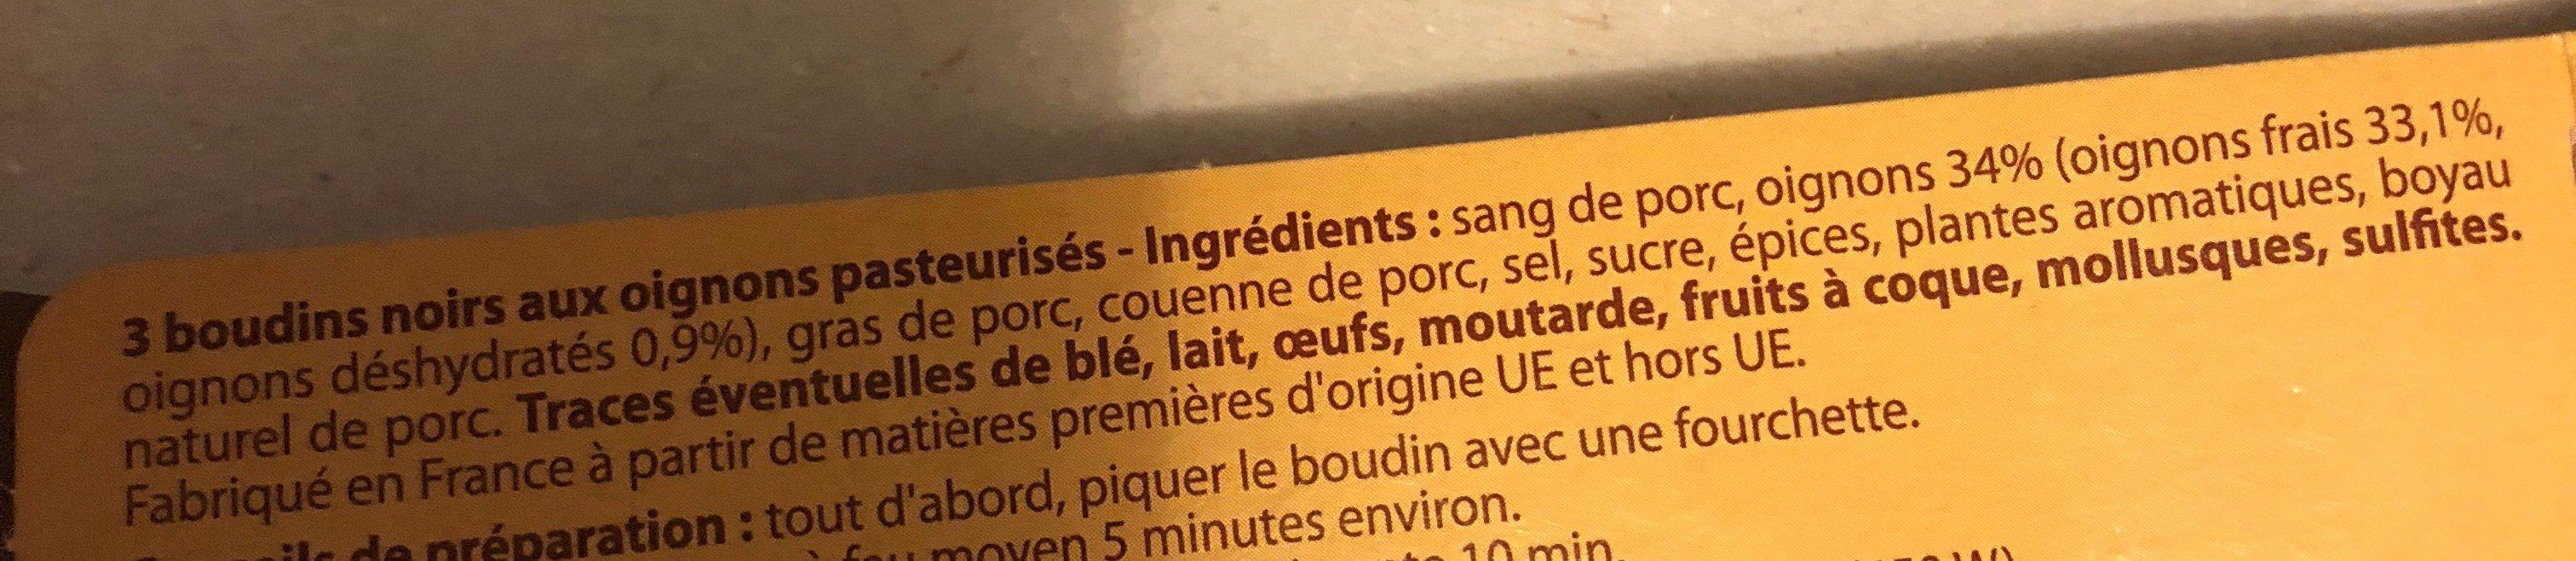 Boudins Noirs, Aux Oignons - Ingrédients - fr